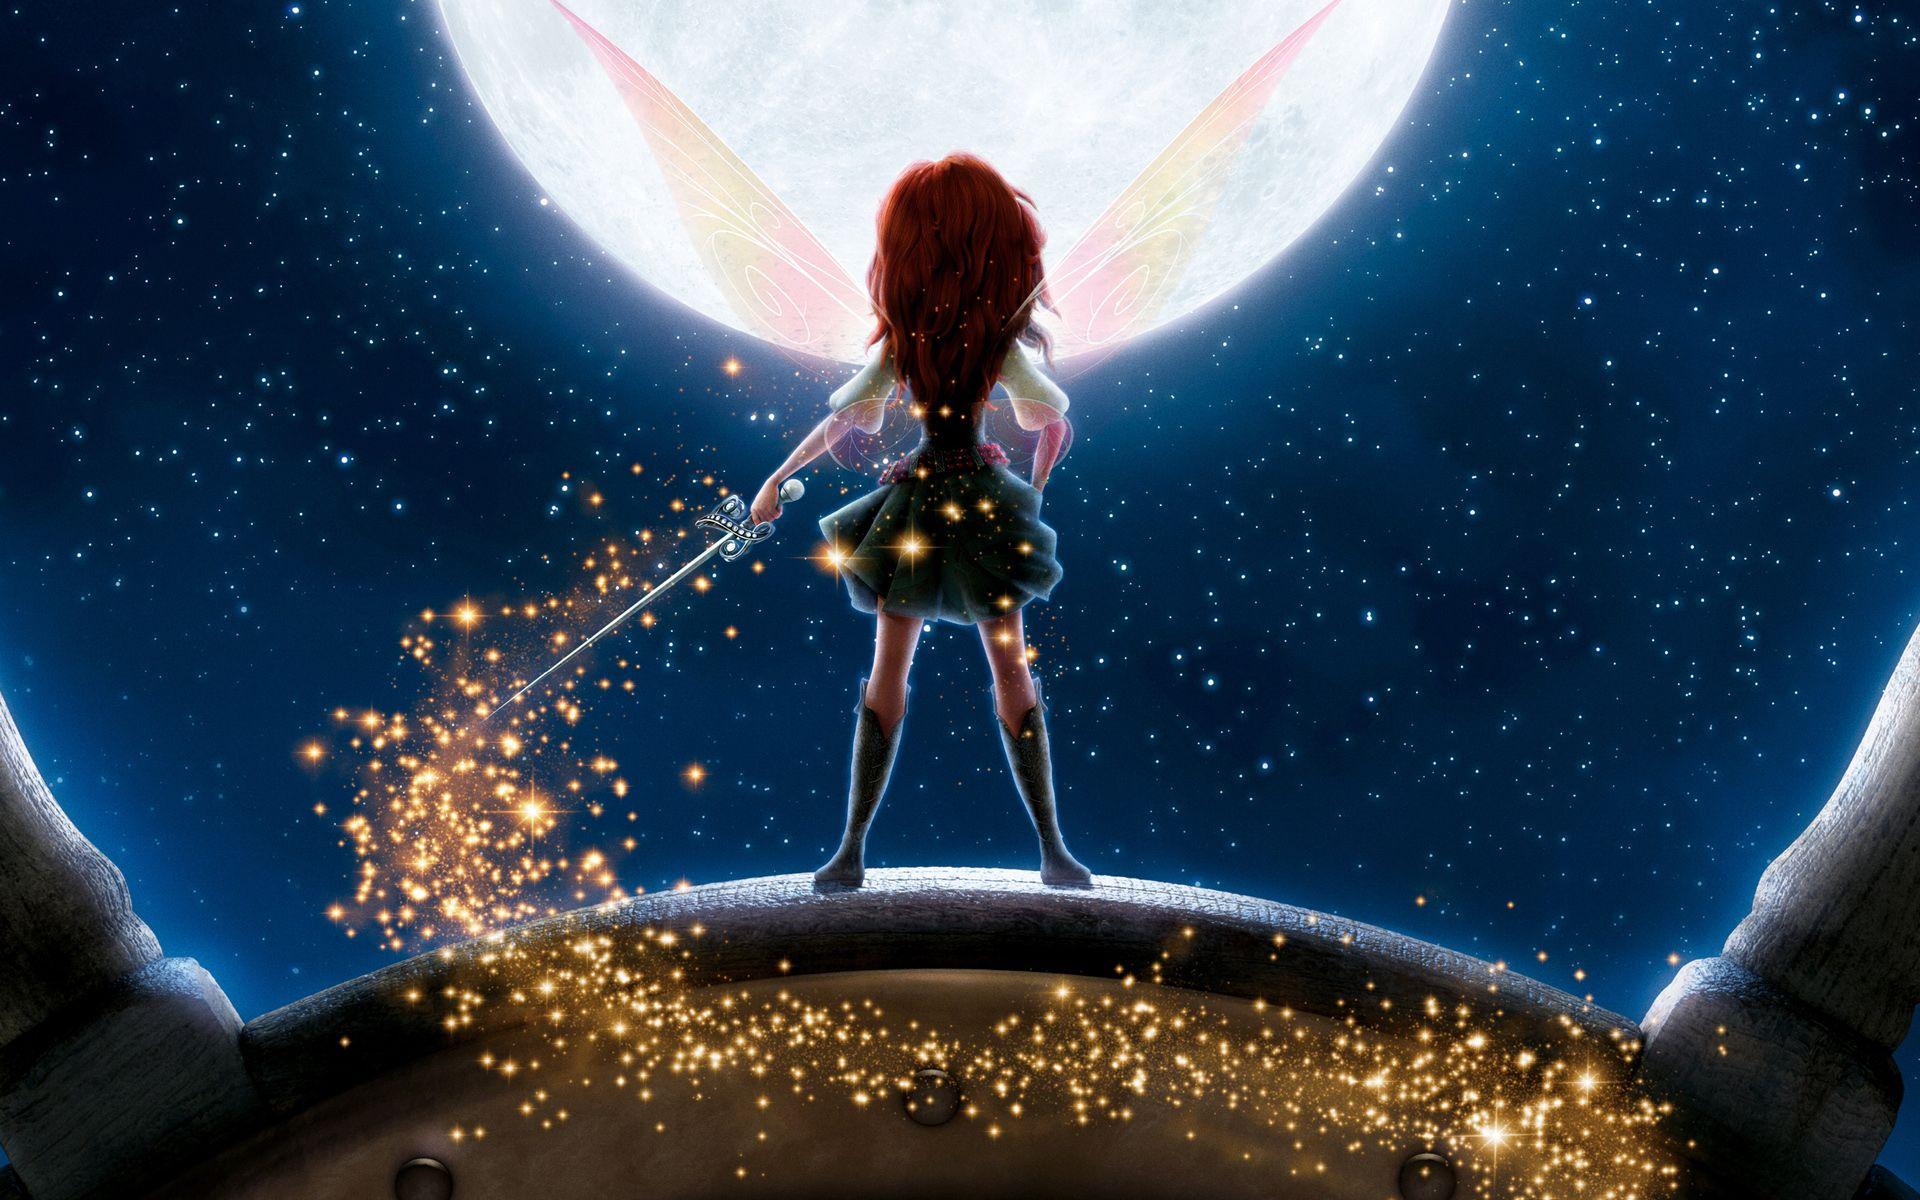 The Pirate Fairy Cute Wallpaper